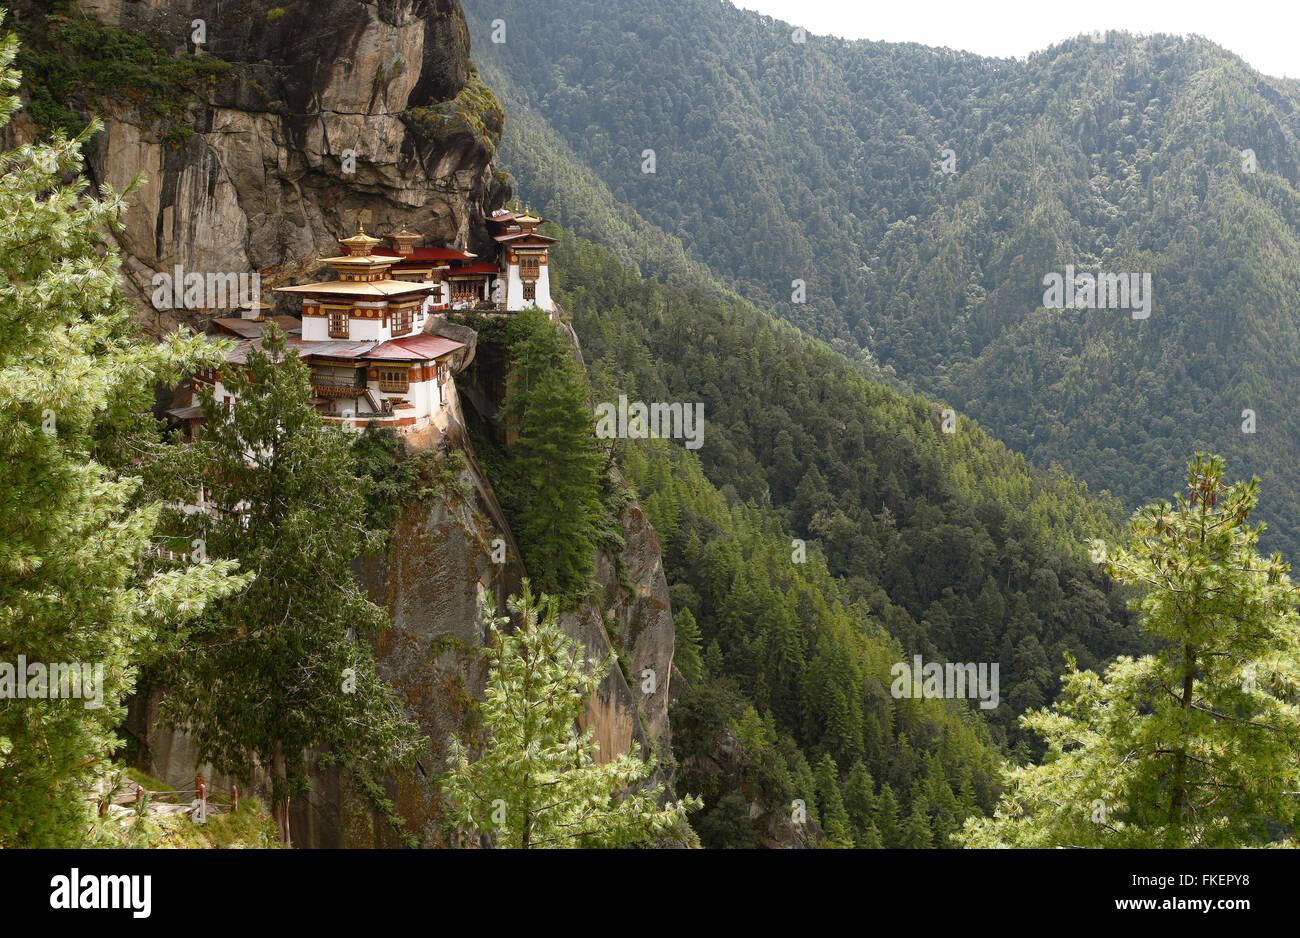 Tiger's Nest monasterio en el acantilado de Paro valle, Taktshang Goemba, cerca del paro, el Himalaya, el Reino de Bhután Foto de stock